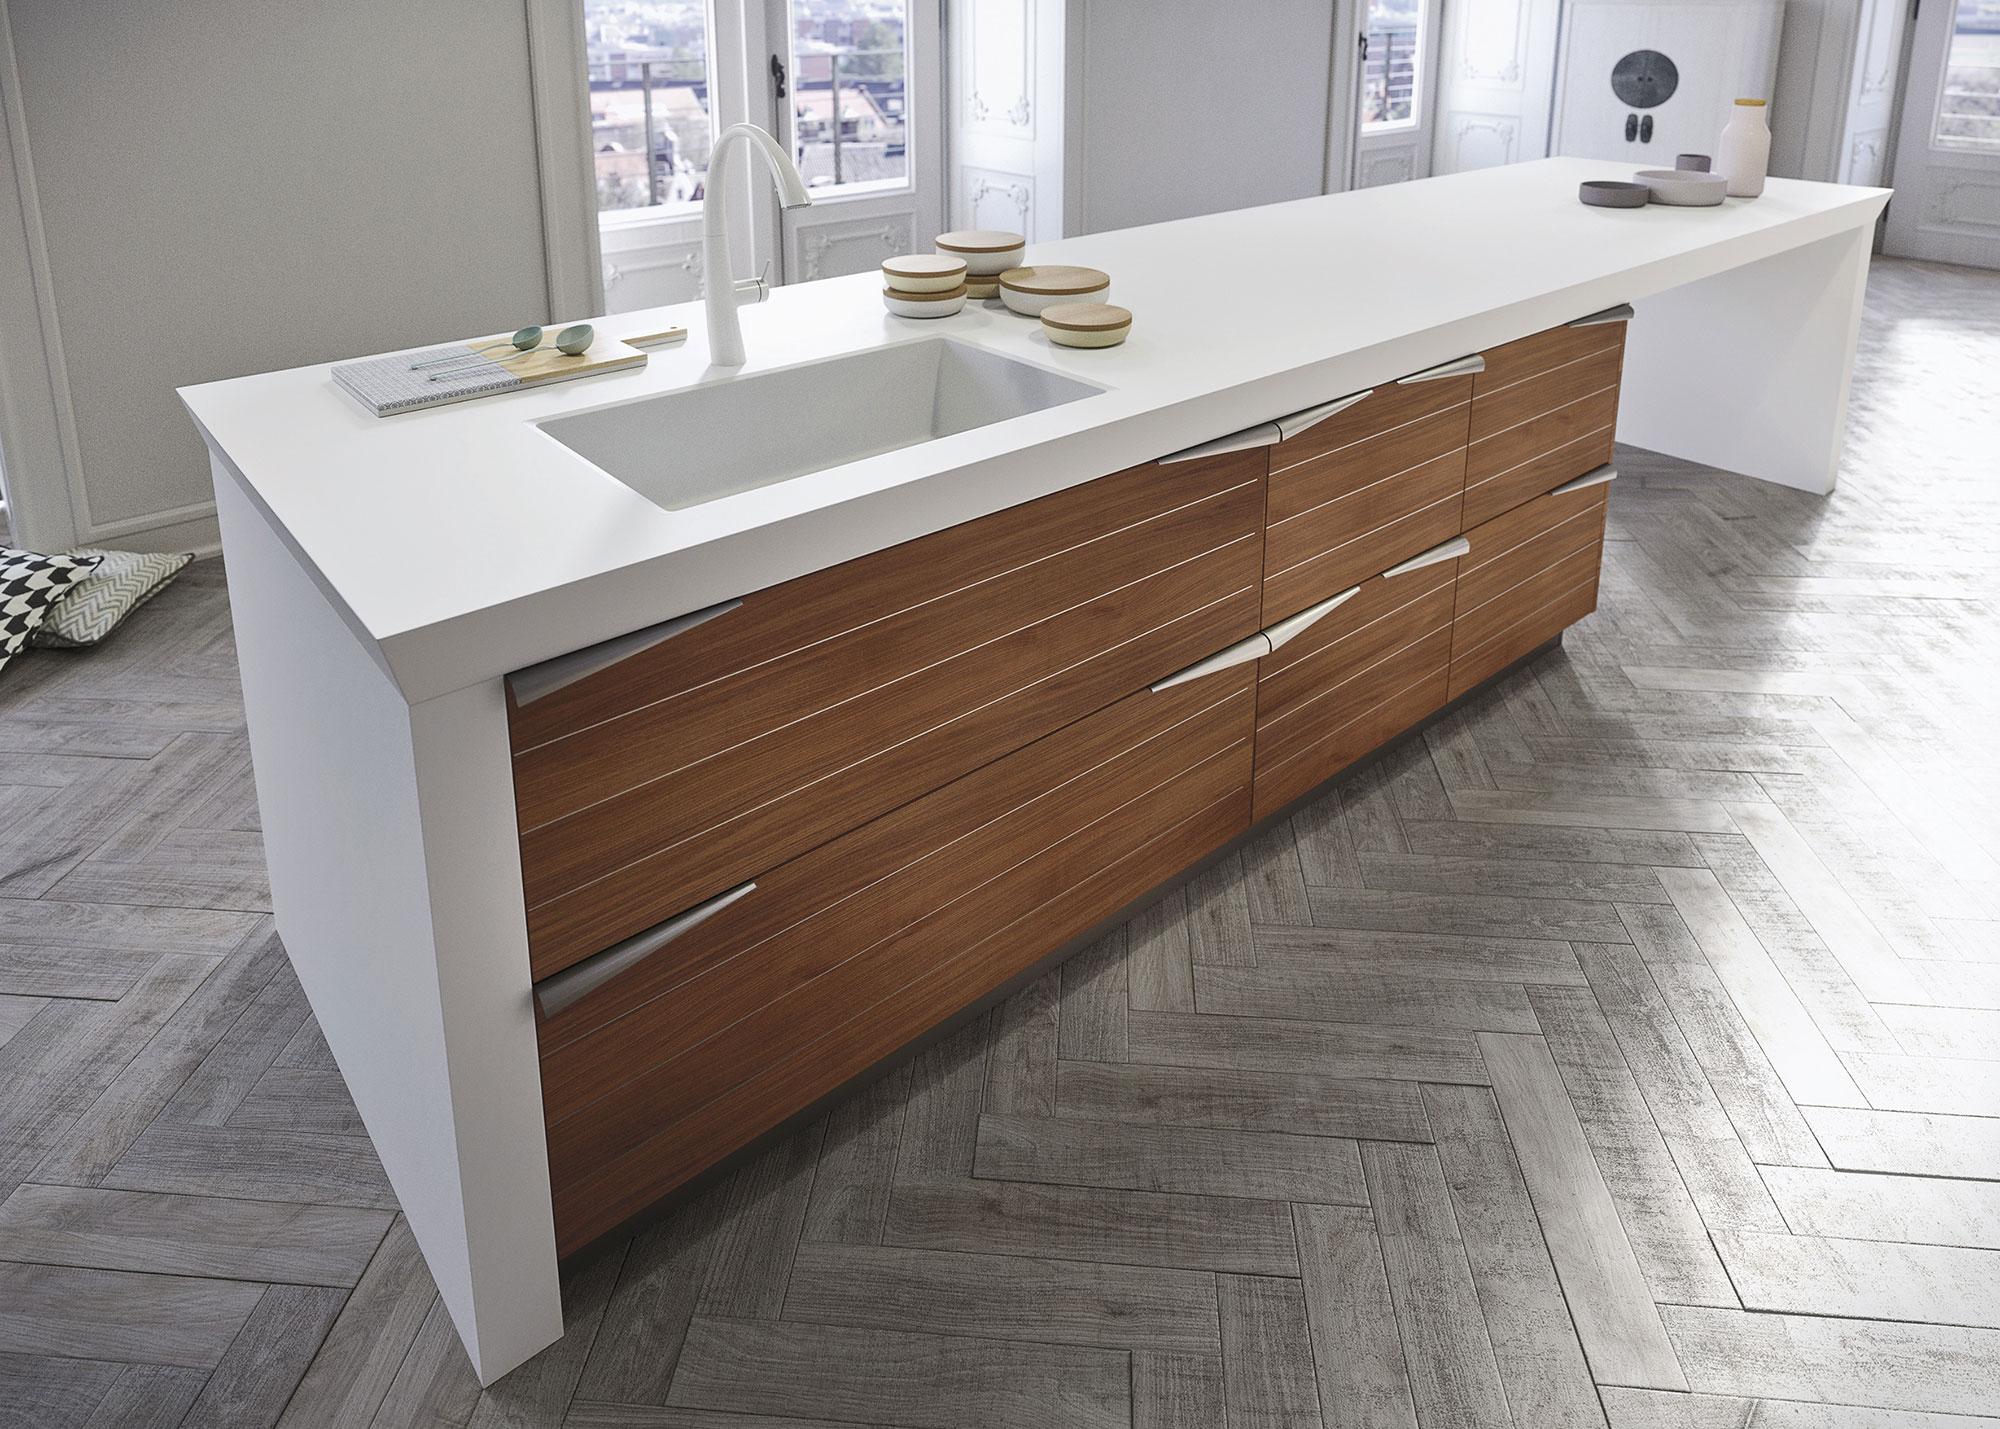 Современный дизайн кухонного гарнитура: белый кухонный остров с раковиной